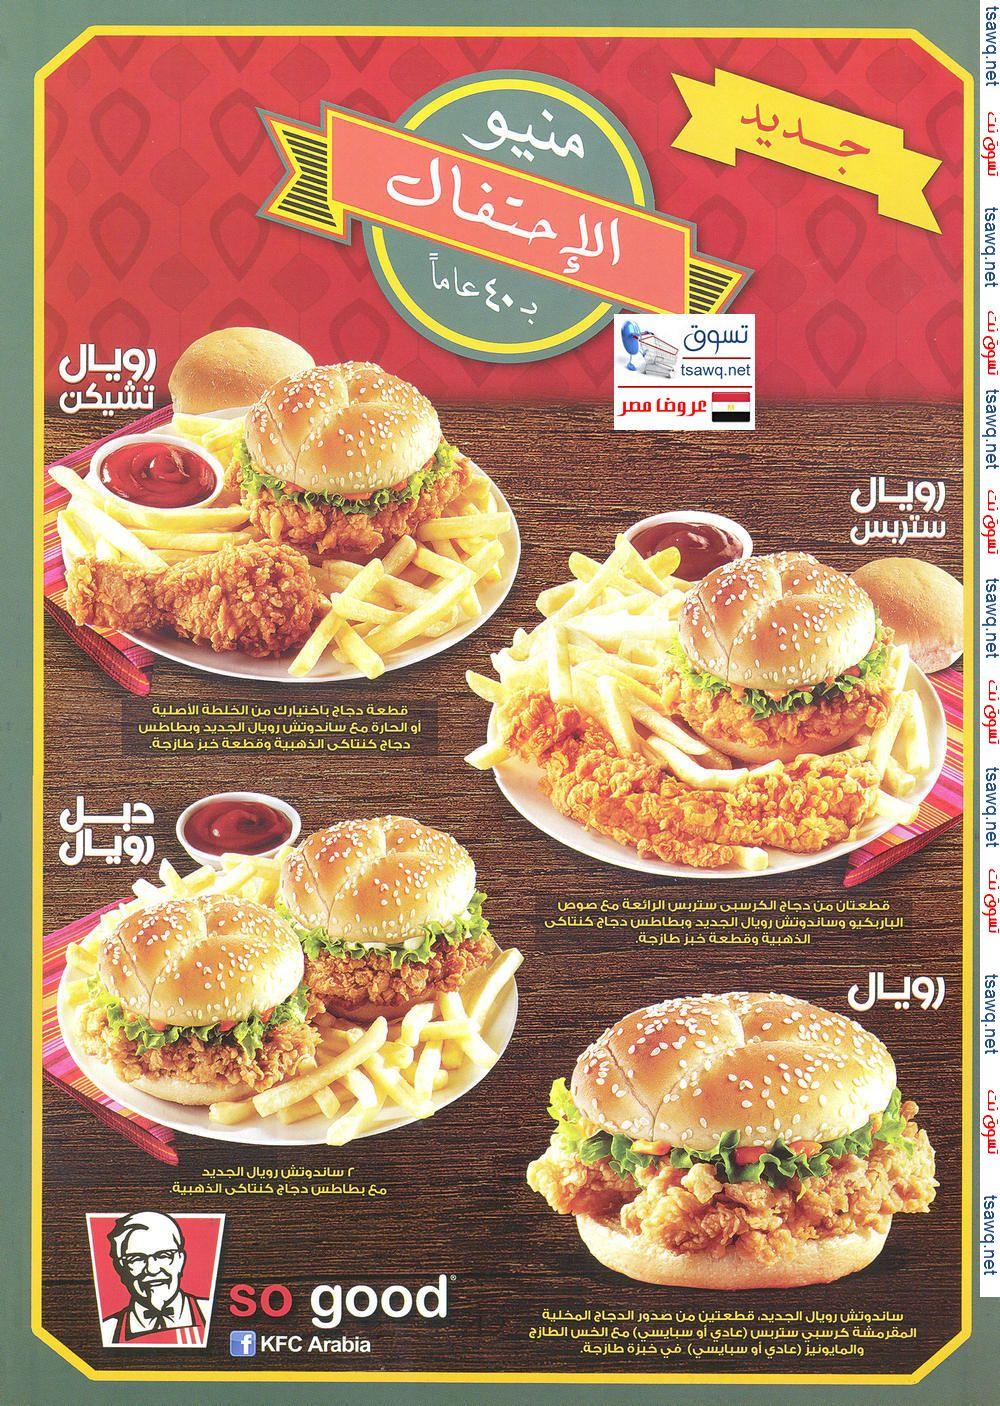 منيو الإحتفال بـ 40 عاما على دجاج كنتاكى اعلان 17 3 2013 تسوق نت